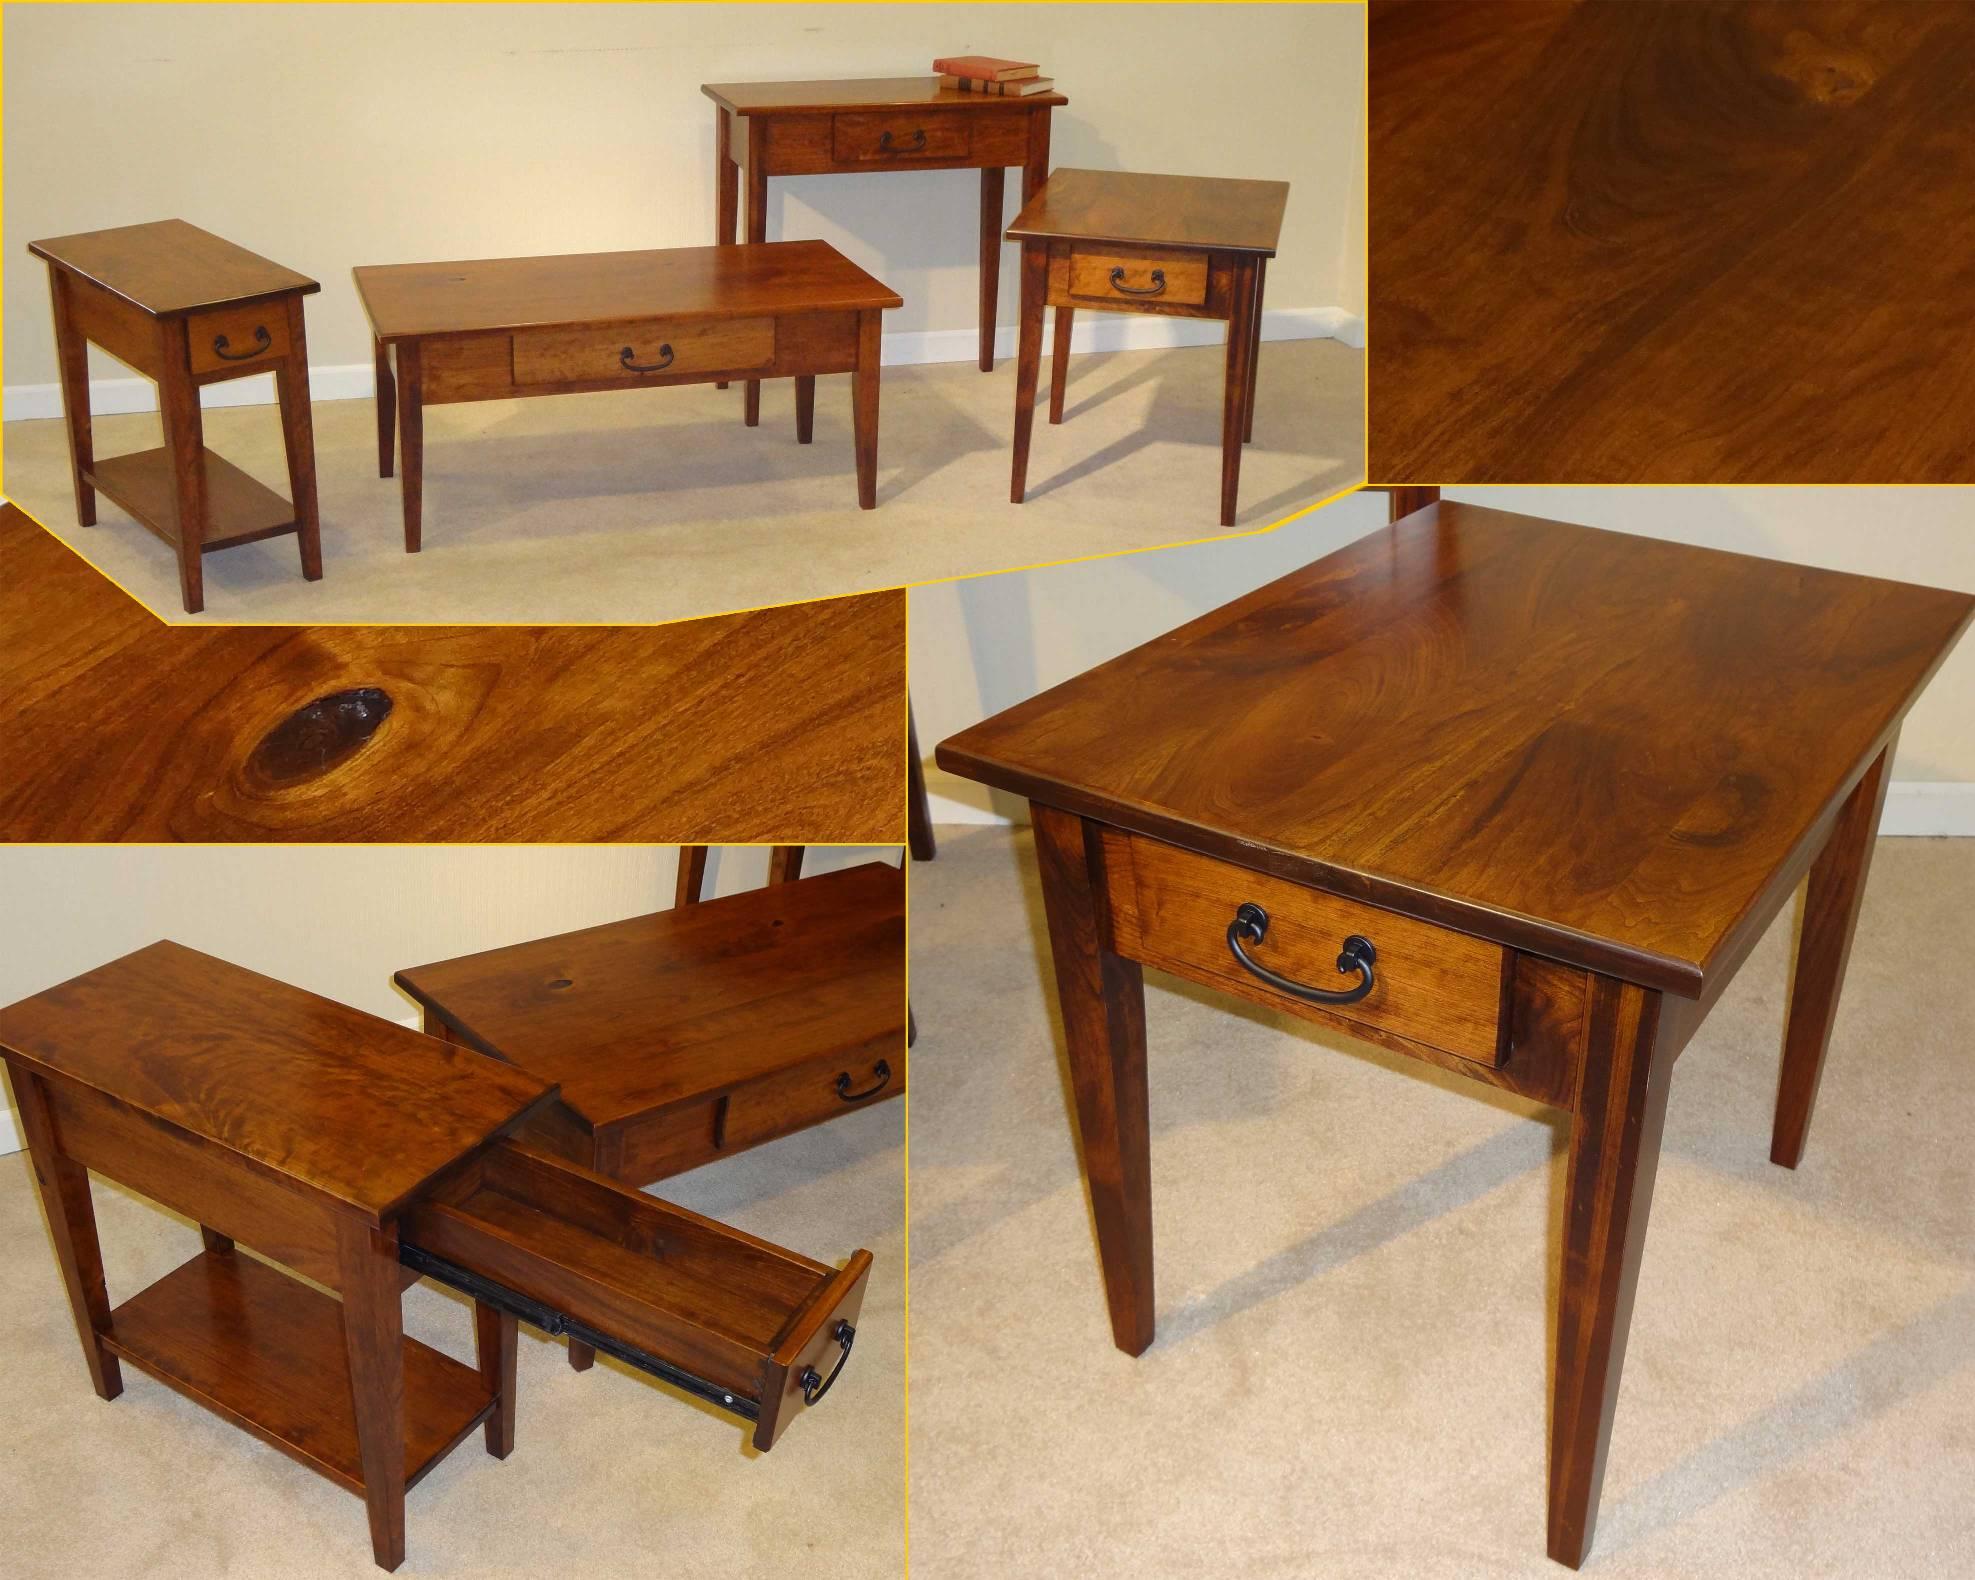 Amish Furniture Shaker Tables Jasens Furniture